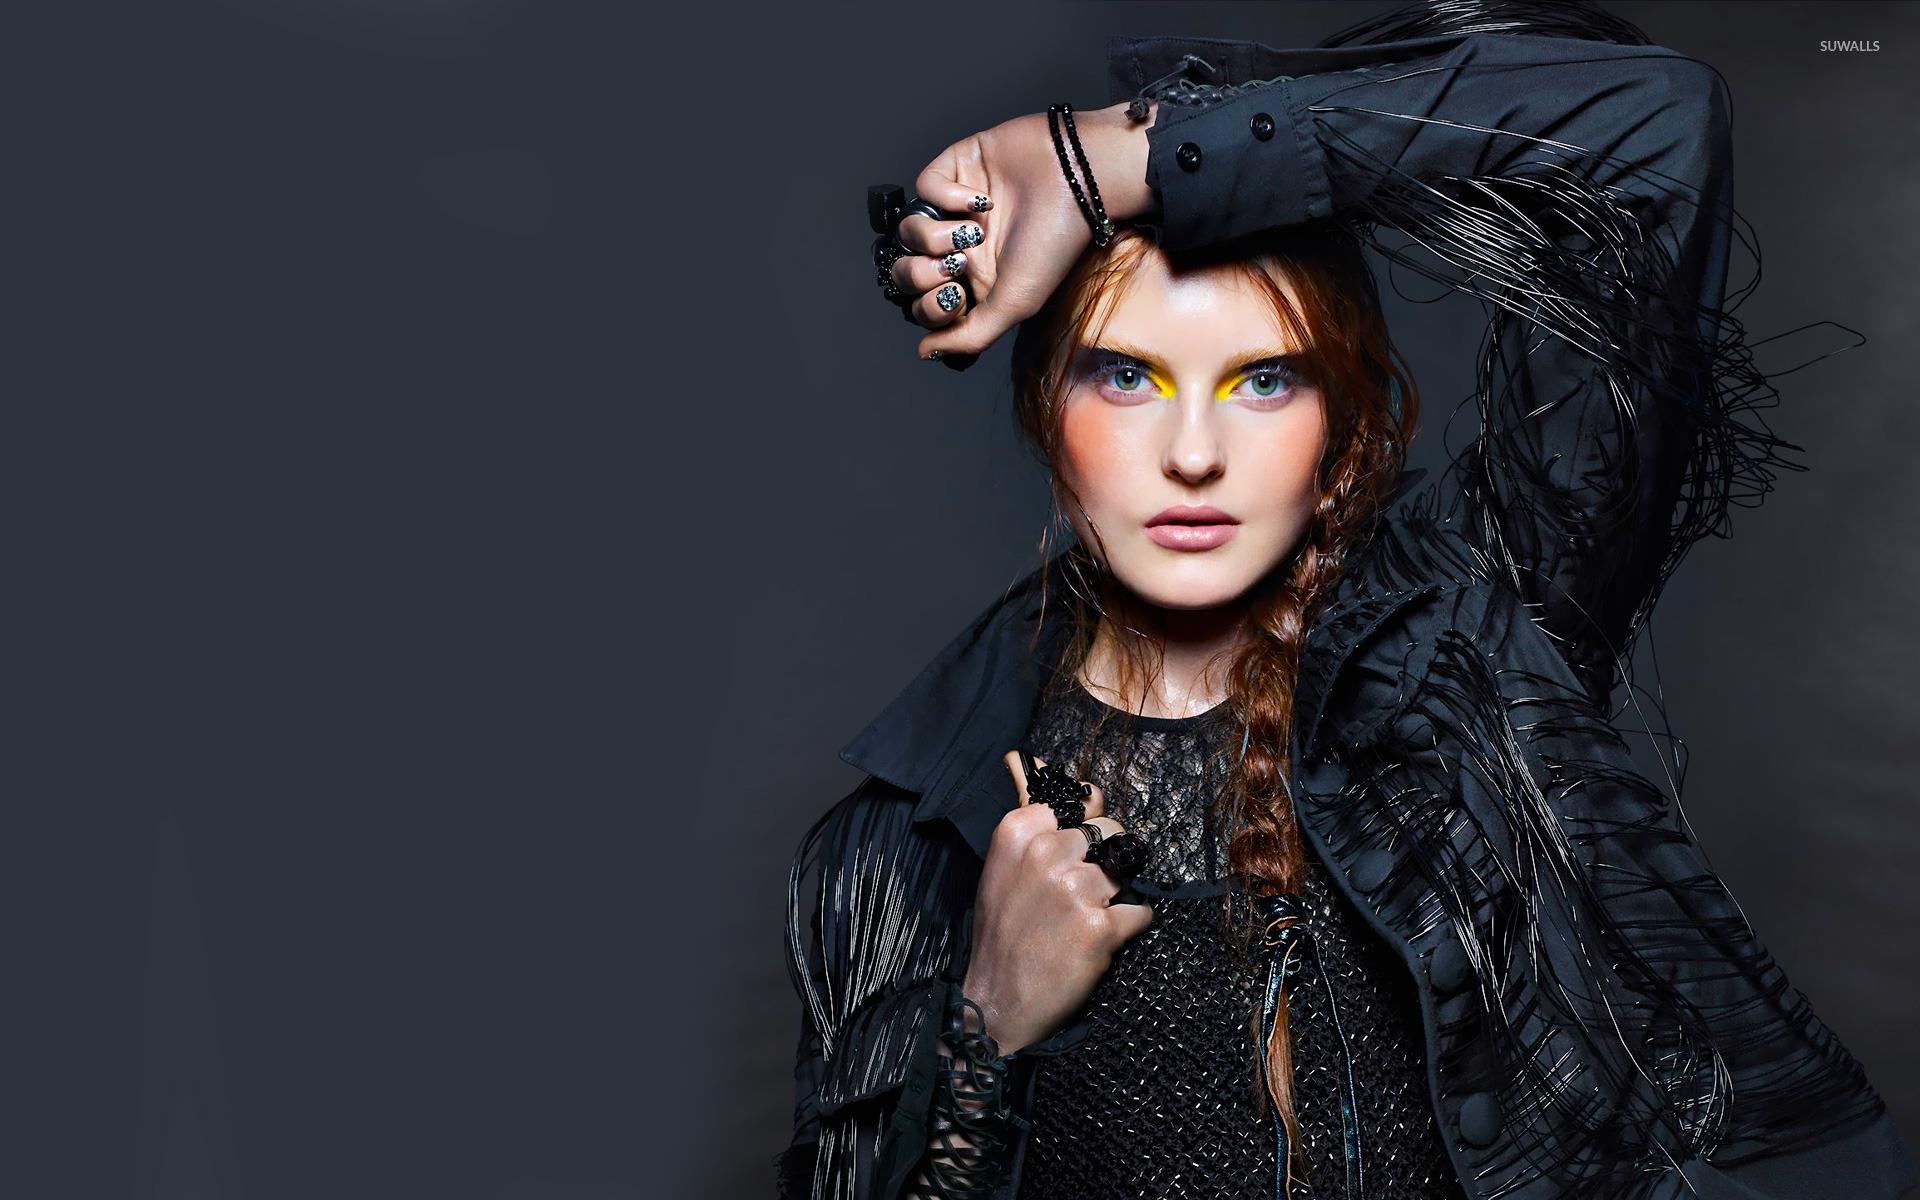 Primrose Everdeen - The Hunger Games: Catching Fire ...